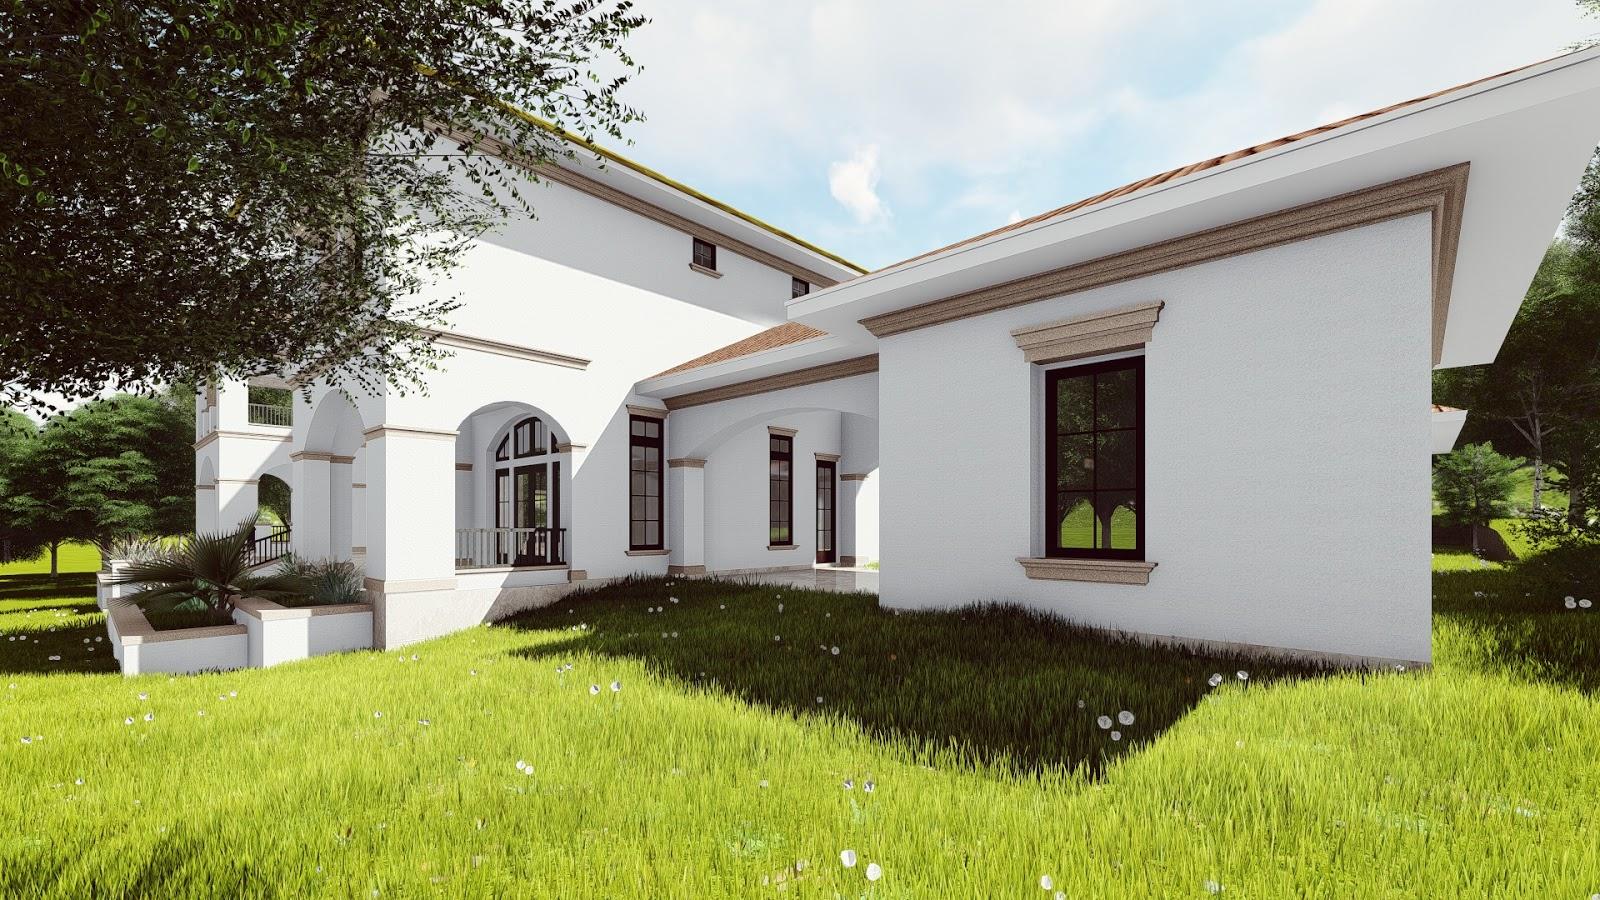 Projeto de Casa no Campo. #93A02B 1600x900 Bancada Banheiro Revit